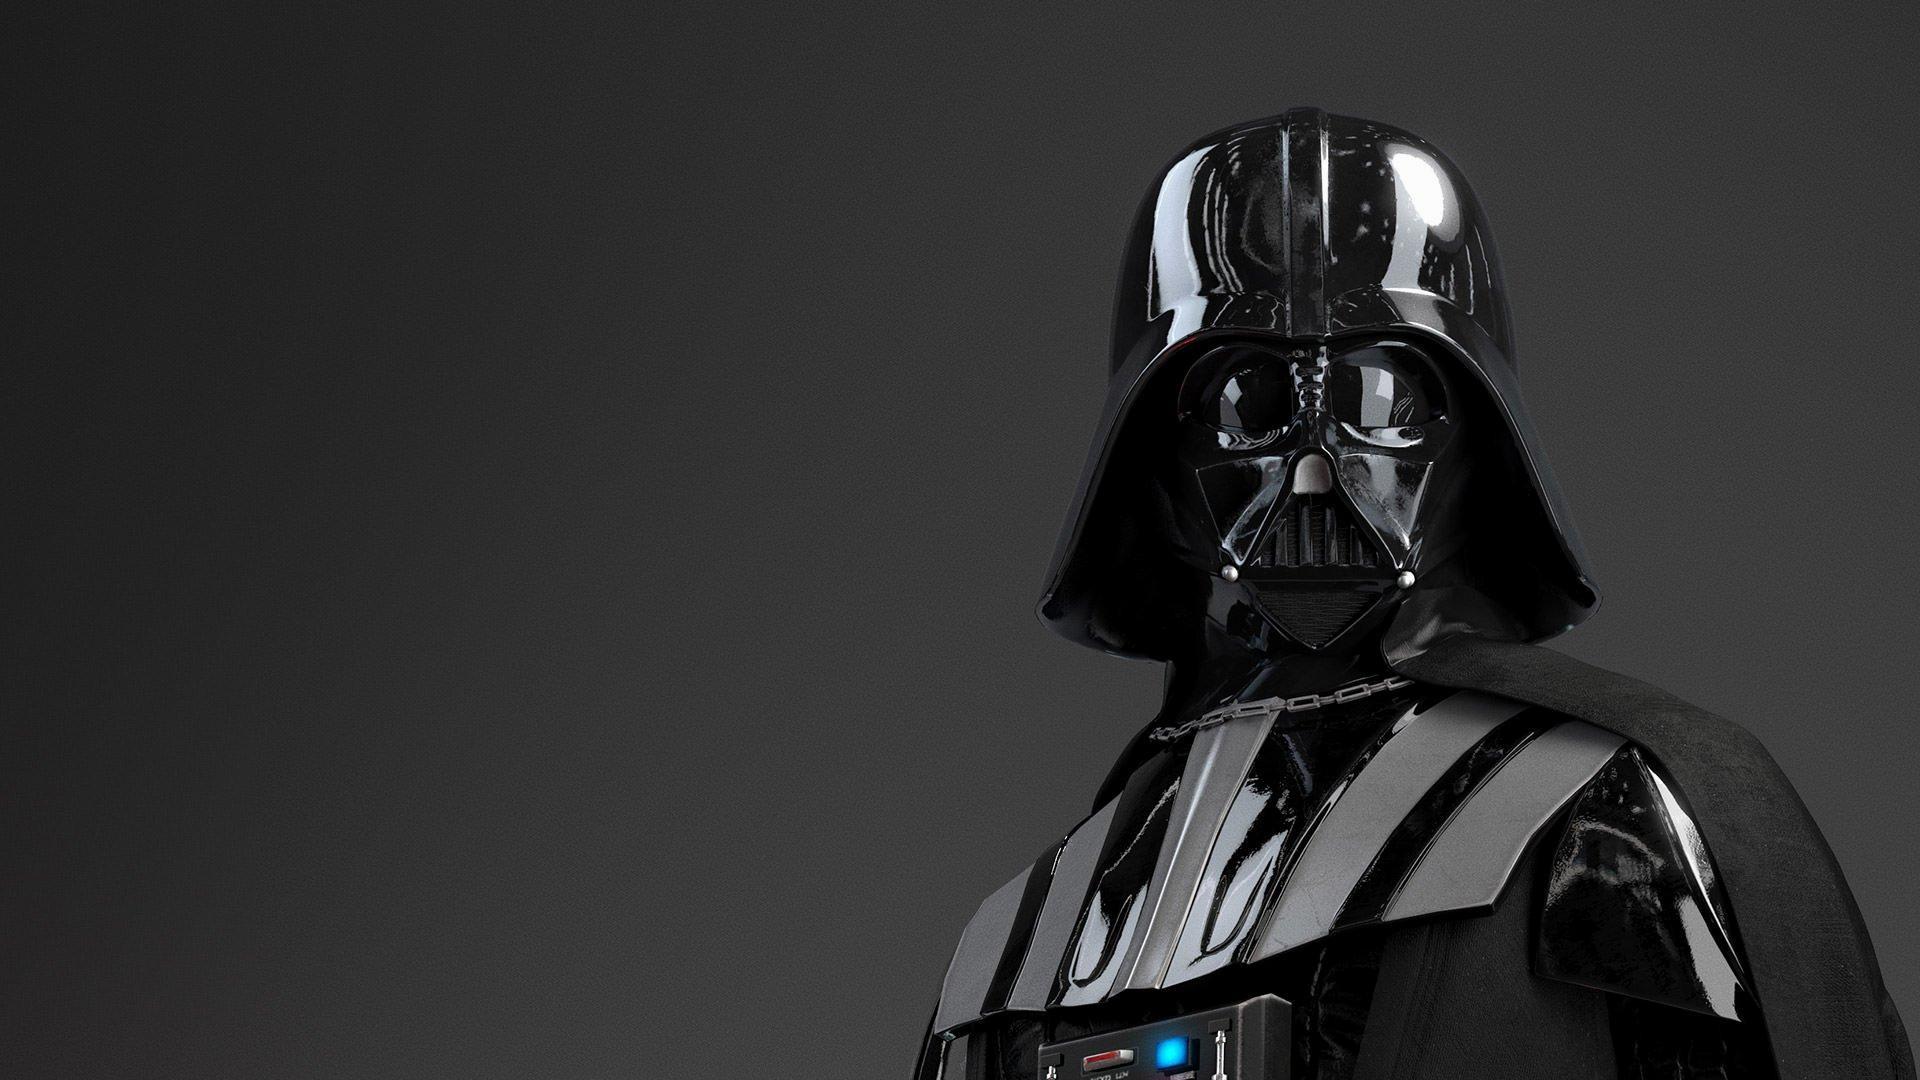 Star-wars-darth-vader-desktop-wallpaper